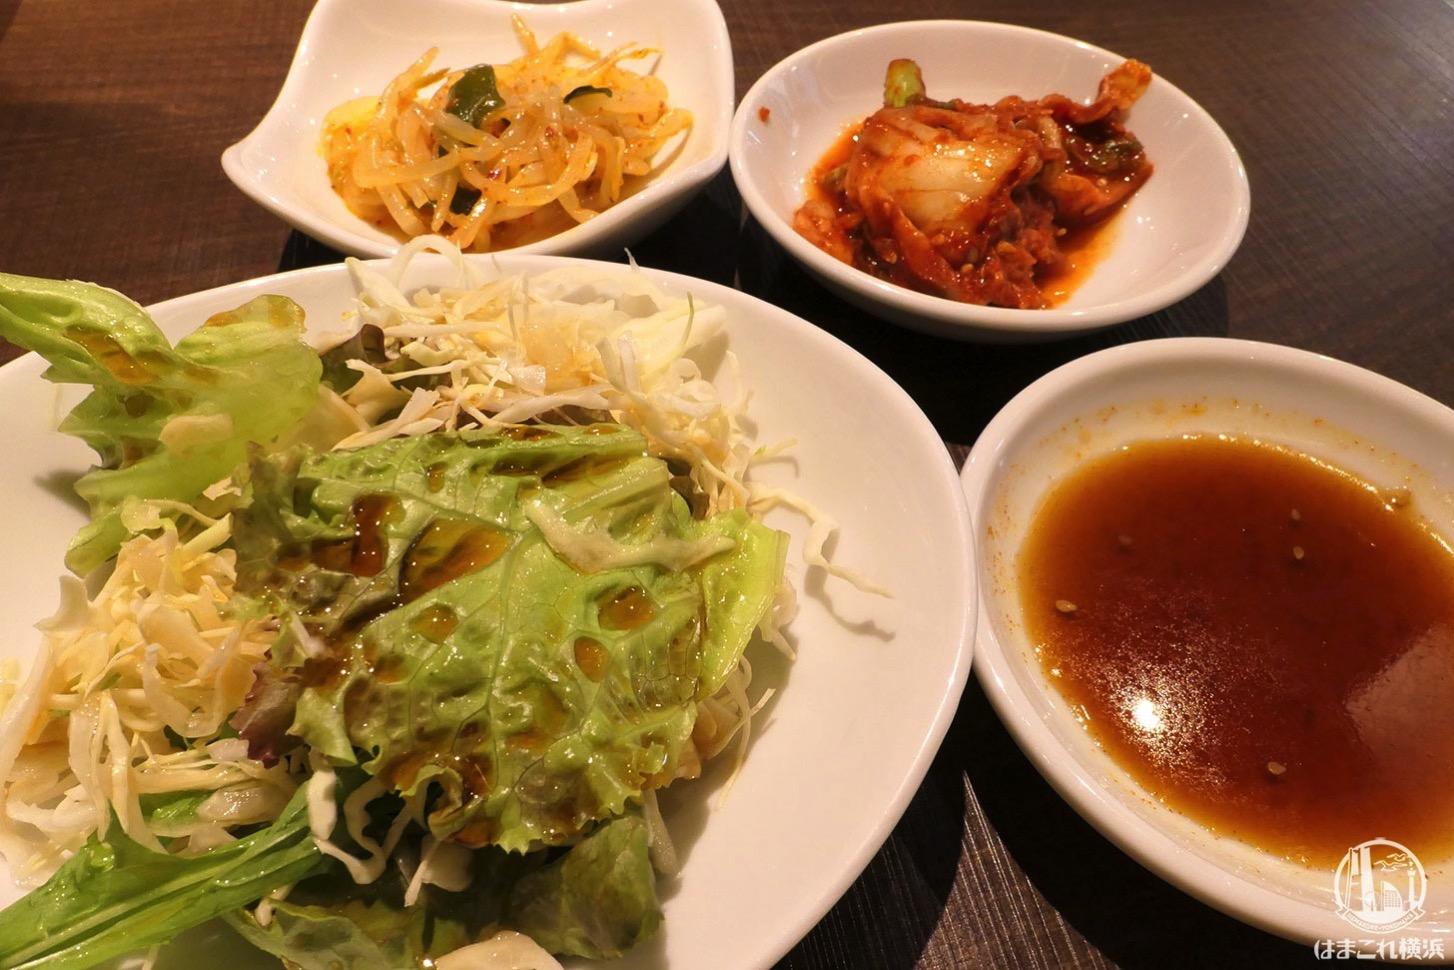 ランチ サラダ、キムチ、ナムル